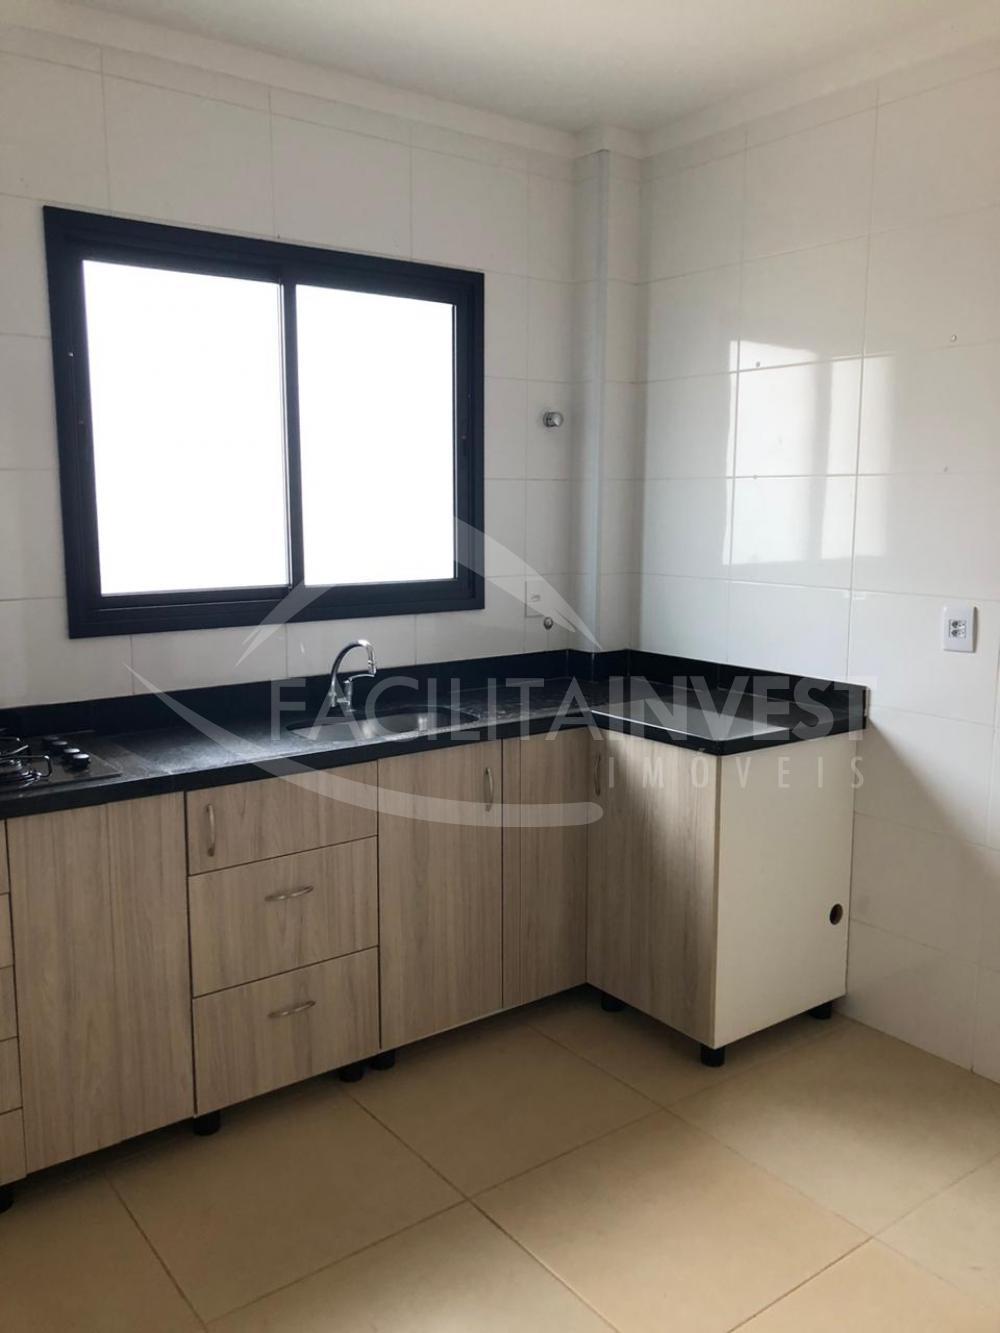 Alugar Apartamentos / Apart. Padrão em Ribeirão Preto apenas R$ 1.750,00 - Foto 4